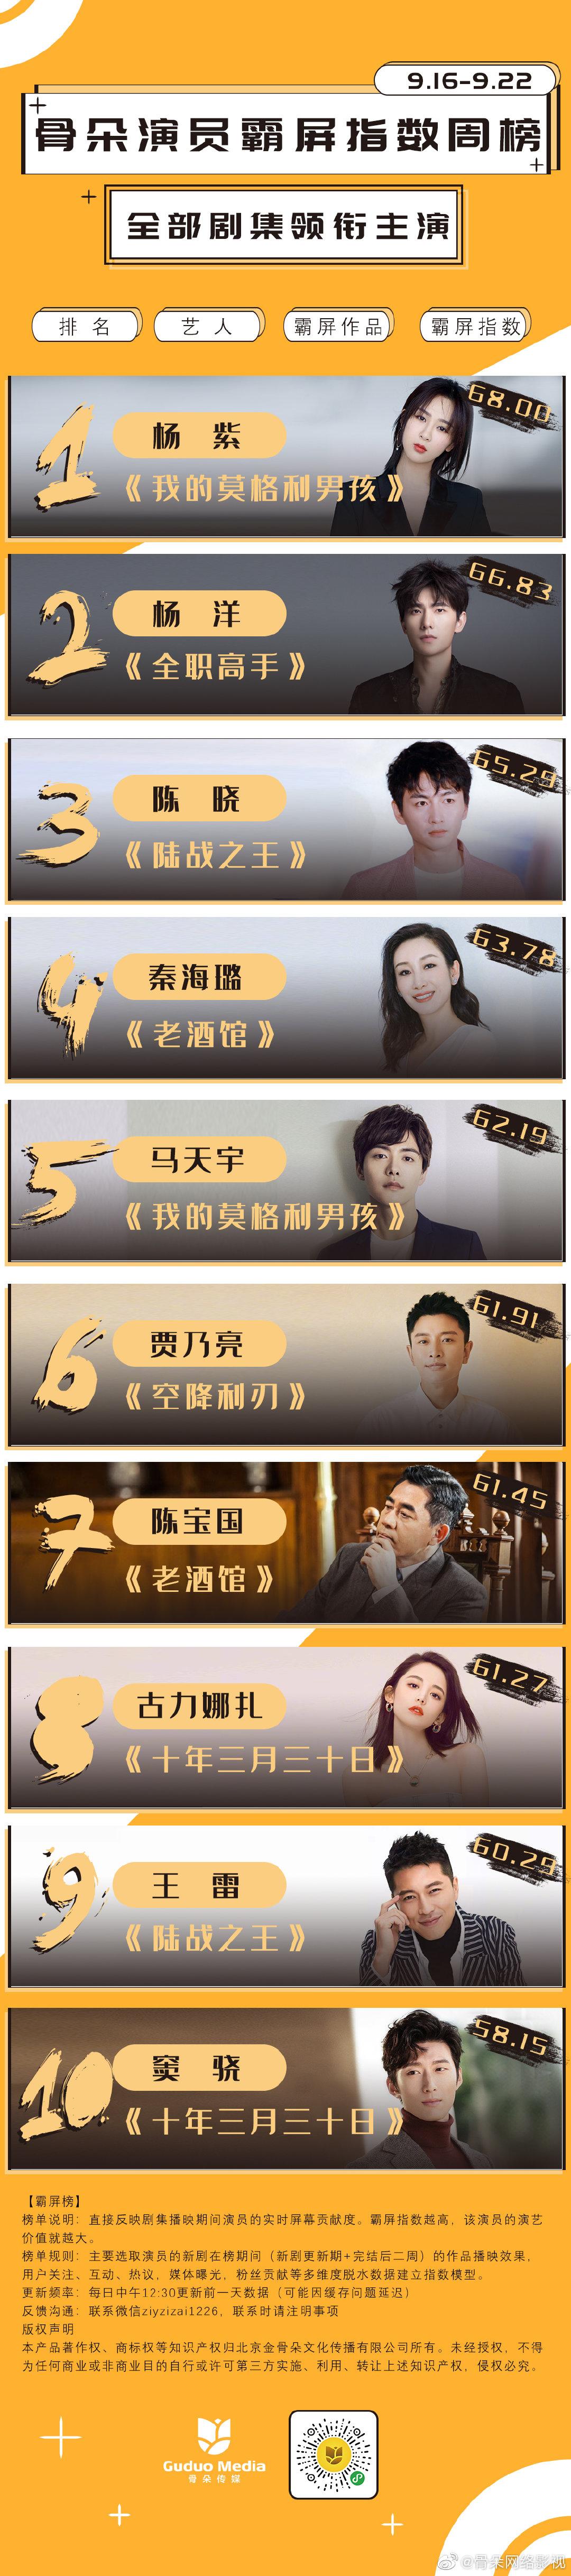 2019年9月骨朵演员霸屏指数周榜(9月16日-9月22日)四榜齐发